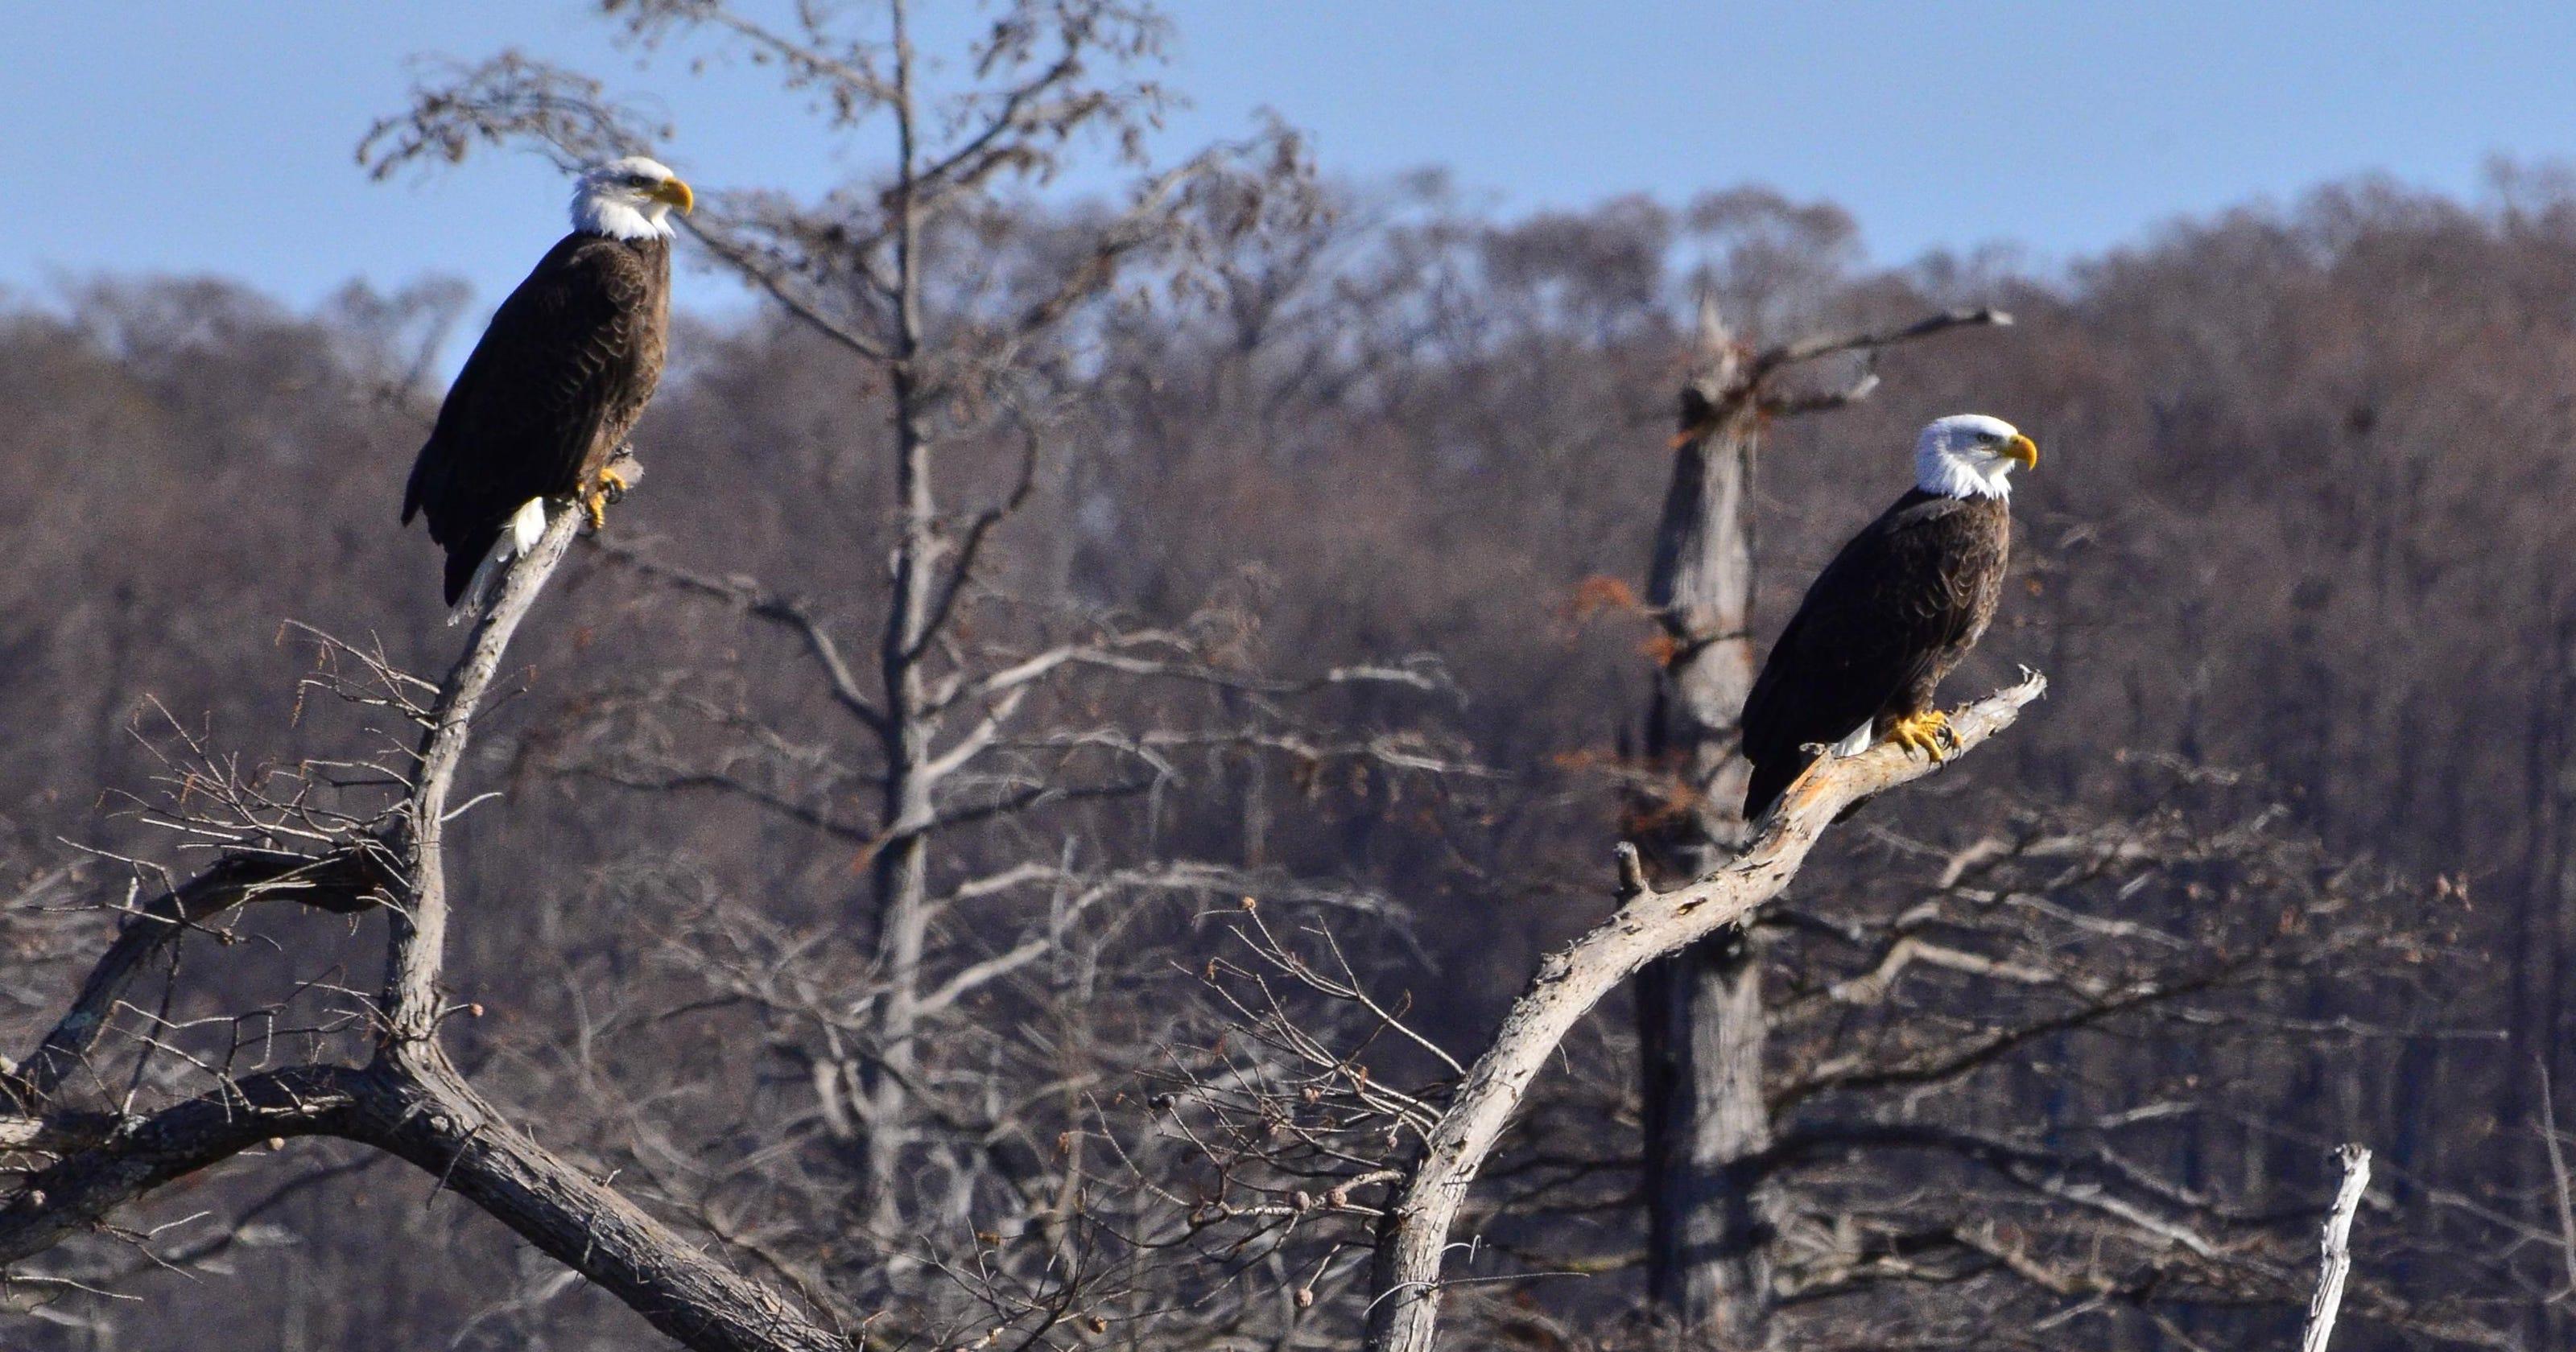 Eagle watching at Reelfoot Lake